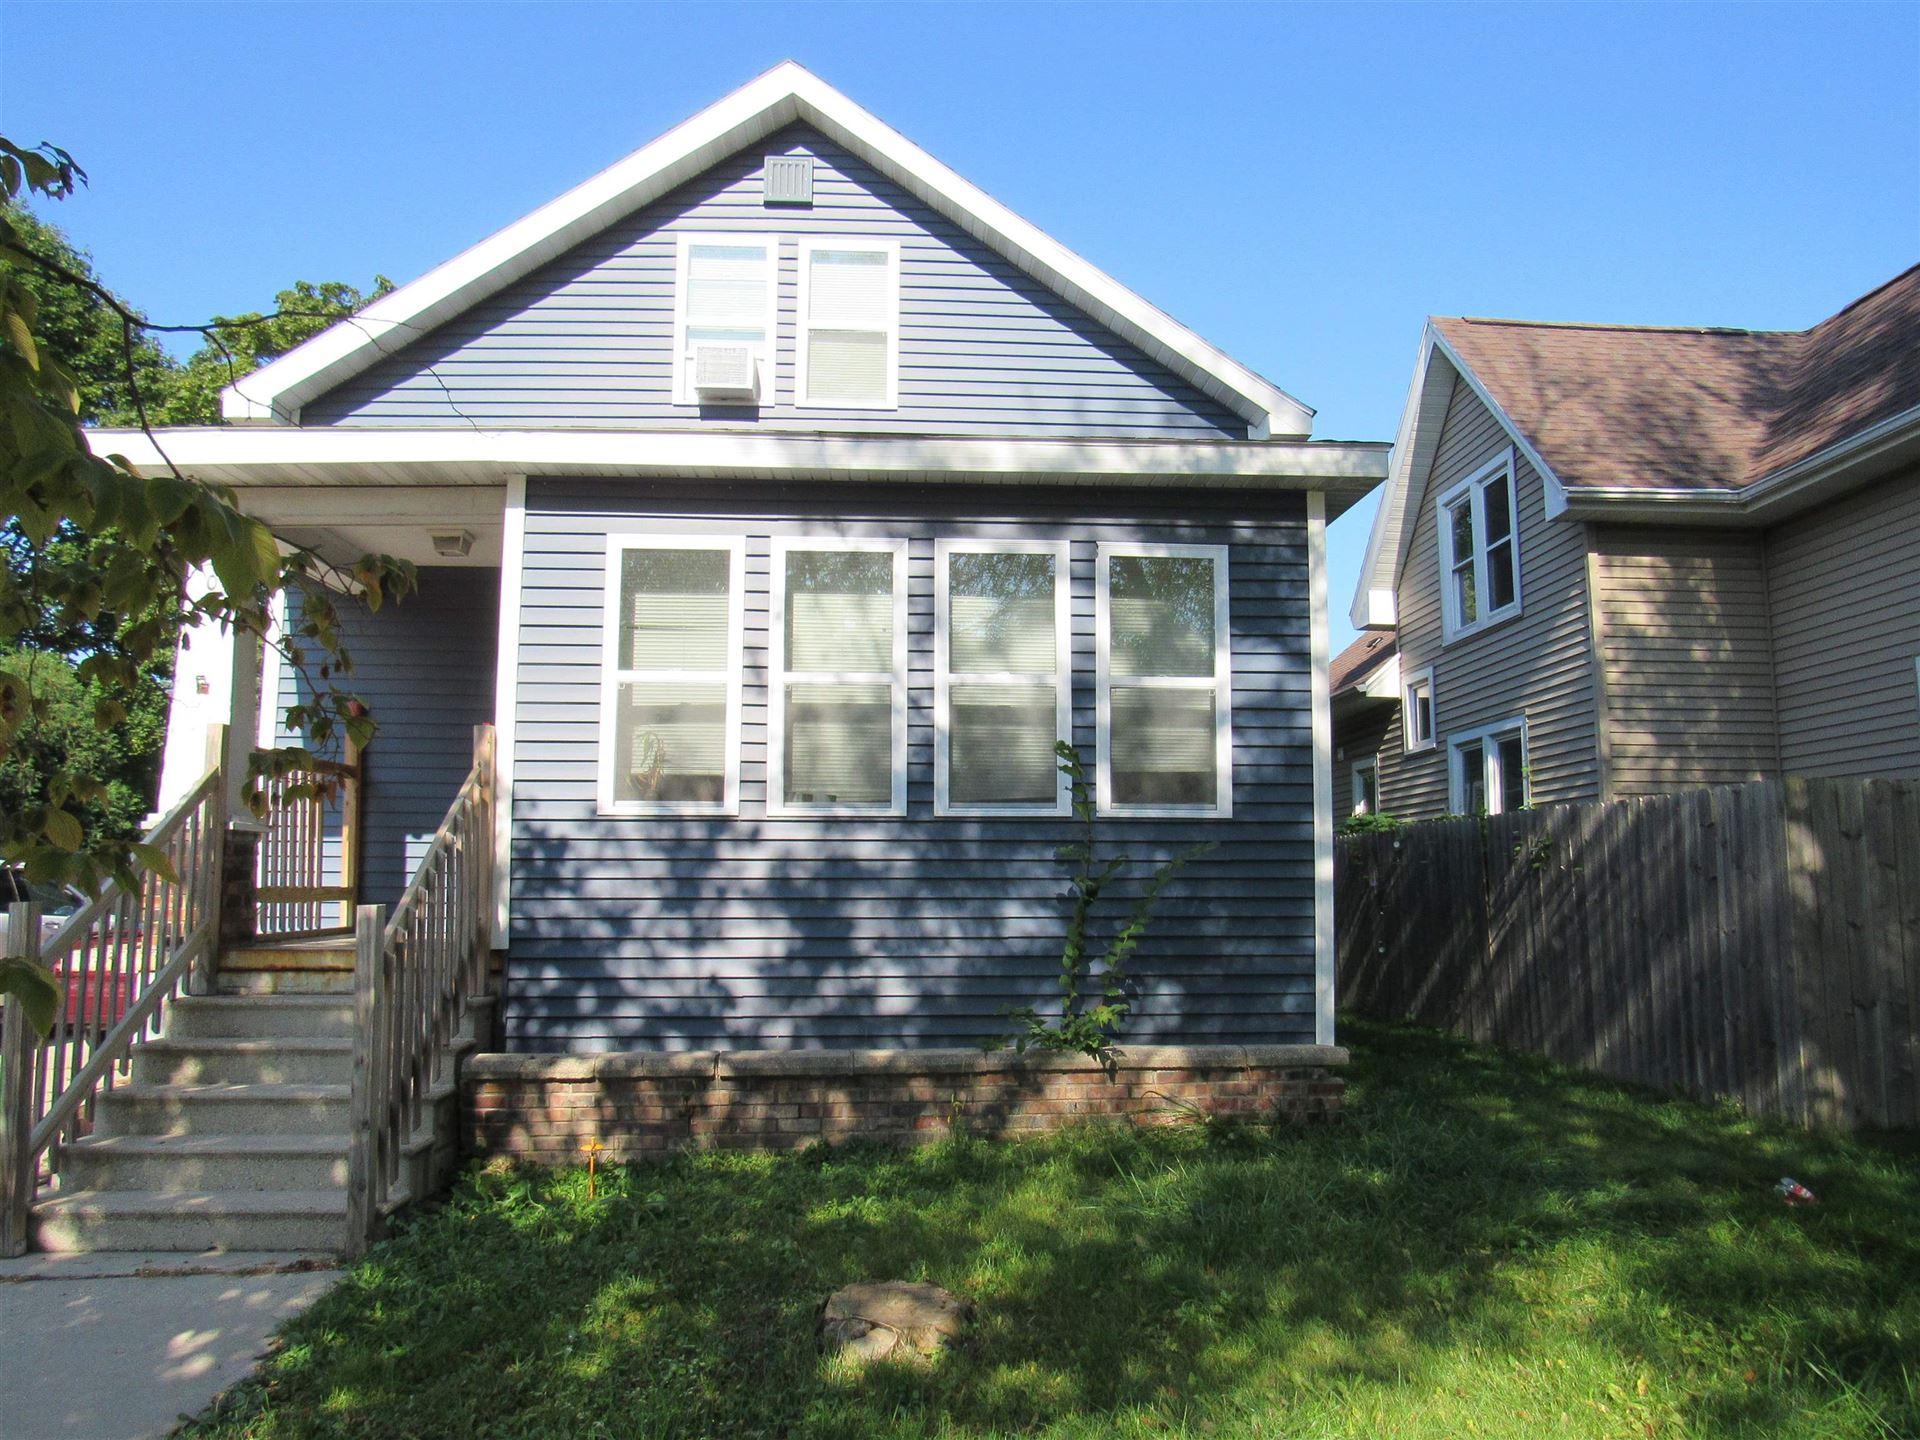 904 S MAPLE Avenue, Green Bay, WI 54304 - MLS#: 50247583